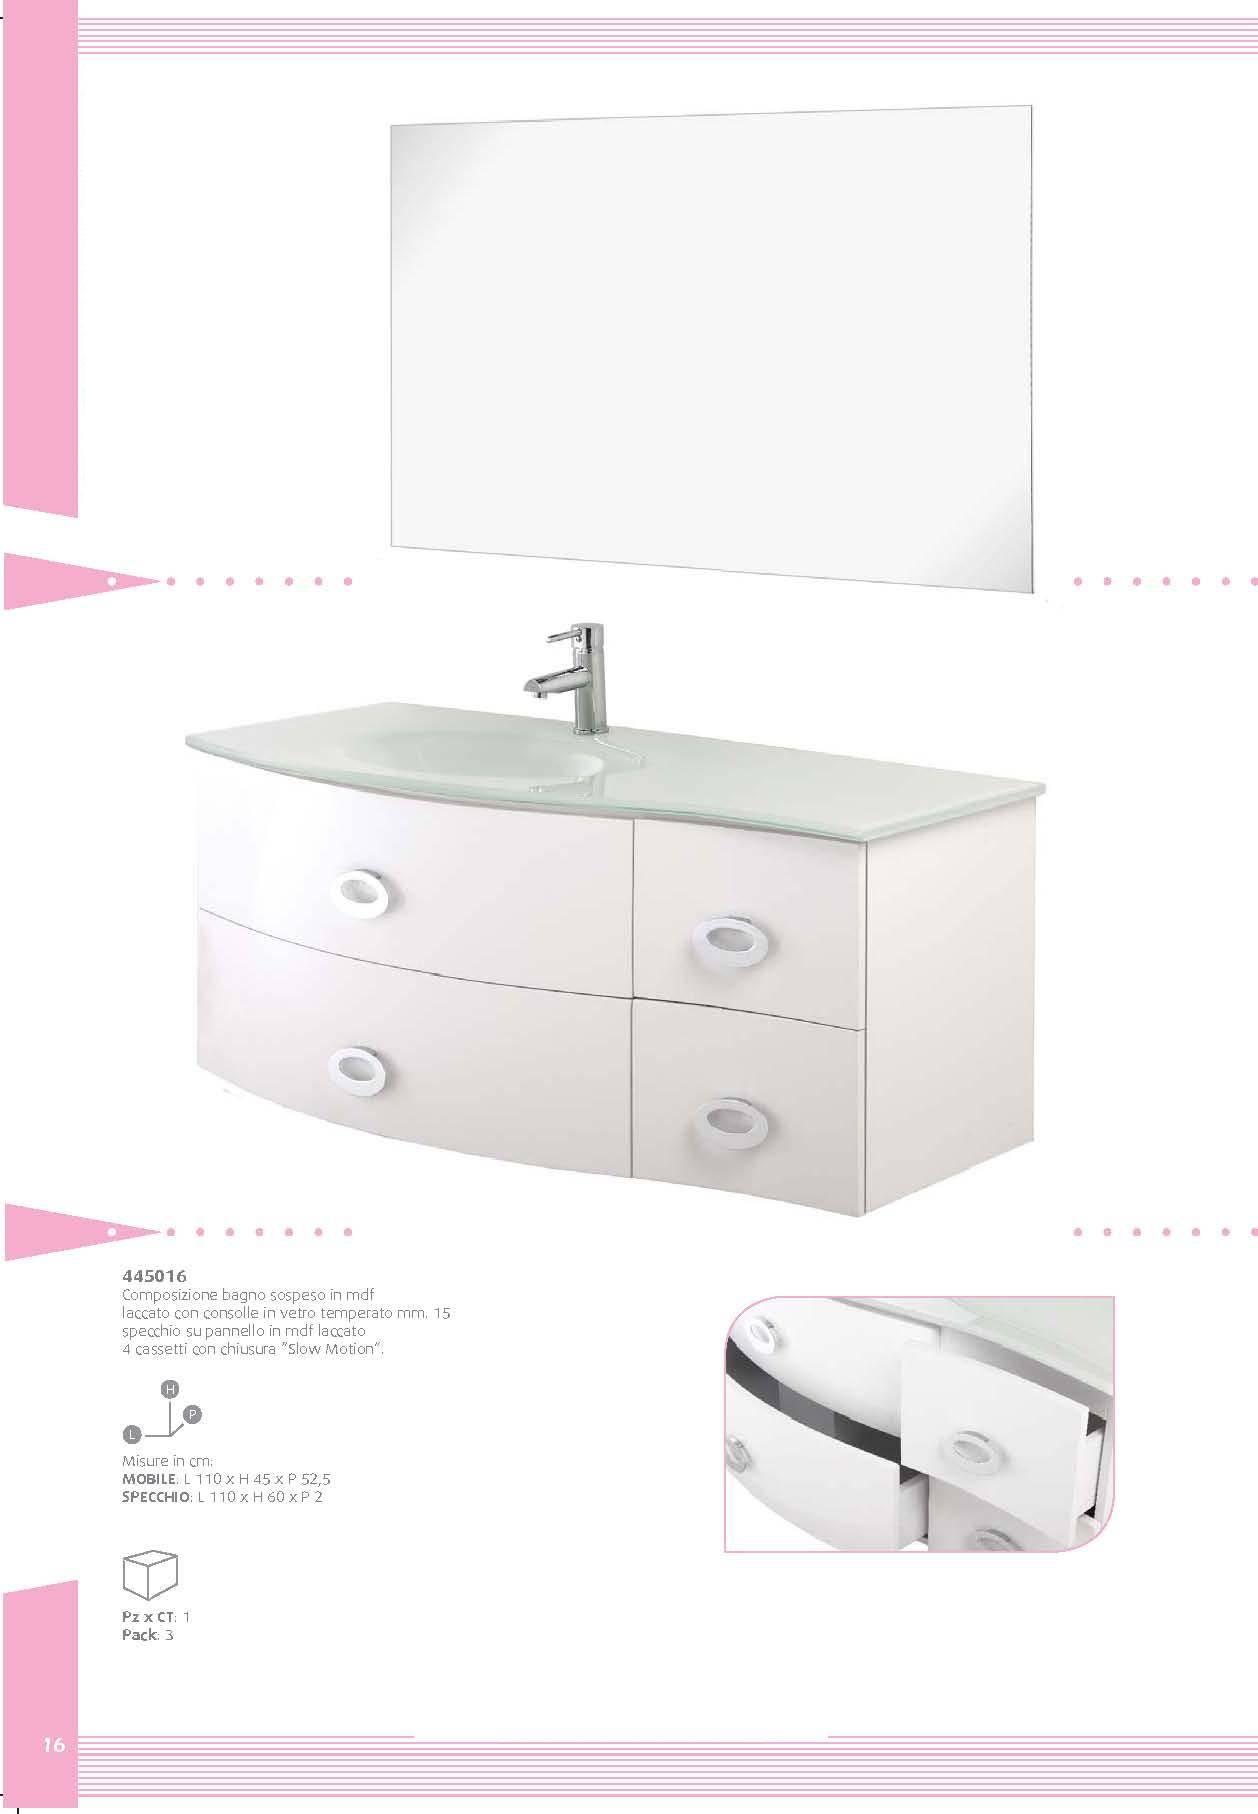 mdf wall-mounted bathroom cabinet